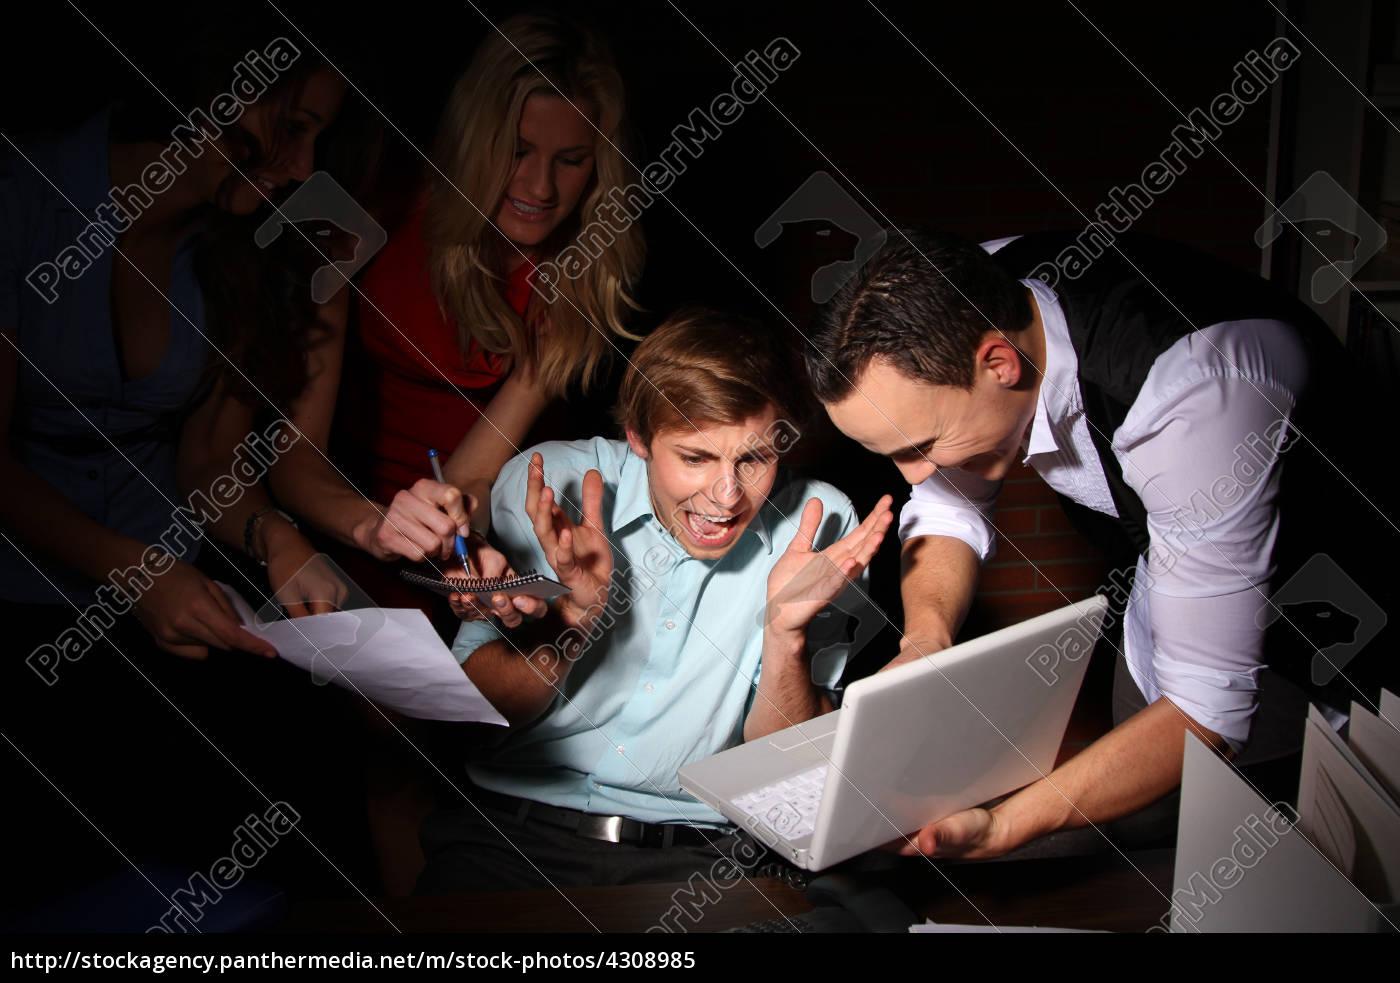 donna, telefono, ufficio, portatile, computer, donne - 4308985